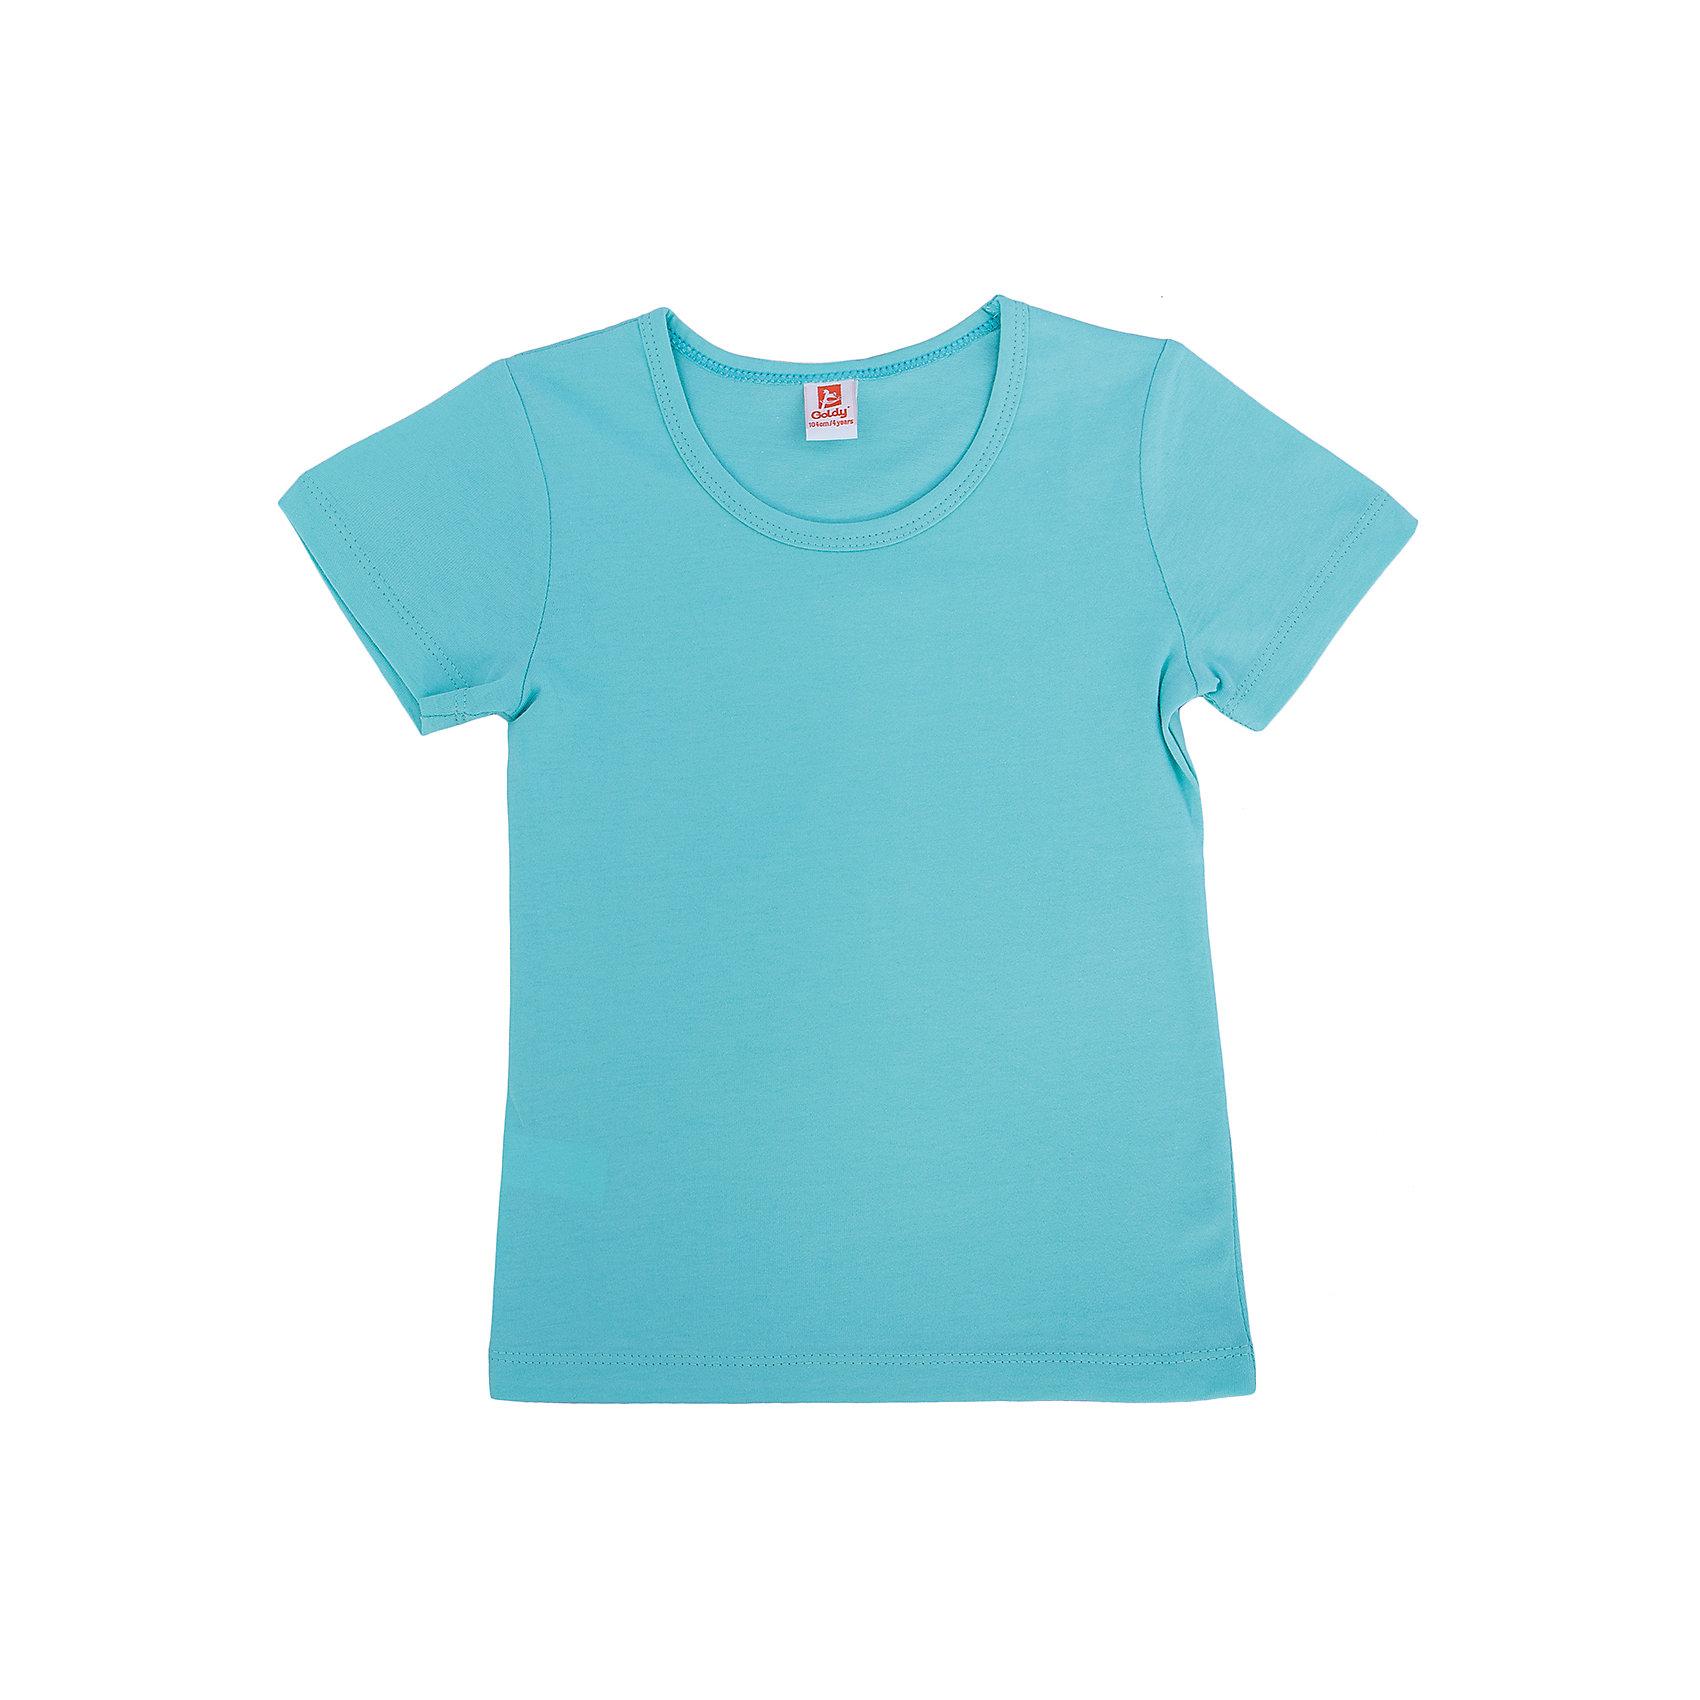 Футболка для девочки GoldyУдобная универсальная футболка для девочки поможет разнообразить гардероб, создать подходящий погоде ансамбль. Удобный крой и качественный материал обеспечат ребенку комфорт при ношении изделия. <br>Футболка смотрится аккуратно, хорошо сидит по фигуре. Яркий цвет делает ее акцентом в наряде. Материал - легкий, но прочный, отлично подходит для детской одежды, состоит  из дышащего натурального хлопка. Очень приятен на ощупь, не вызывает аллергии.<br><br>Дополнительная информация:<br><br>материал: 100% хлопок;<br>цвет: зеленый;<br>круглый горловой вырез;<br>короткие рукава.<br><br>Футболку для девочки от бренда Goldy (Голди) можно купить в нашем магазине.<br><br>Ширина мм: 199<br>Глубина мм: 10<br>Высота мм: 161<br>Вес г: 151<br>Цвет: мятный<br>Возраст от месяцев: 24<br>Возраст до месяцев: 36<br>Пол: Женский<br>Возраст: Детский<br>Размер: 98,104,110,116,122,92<br>SKU: 4793749